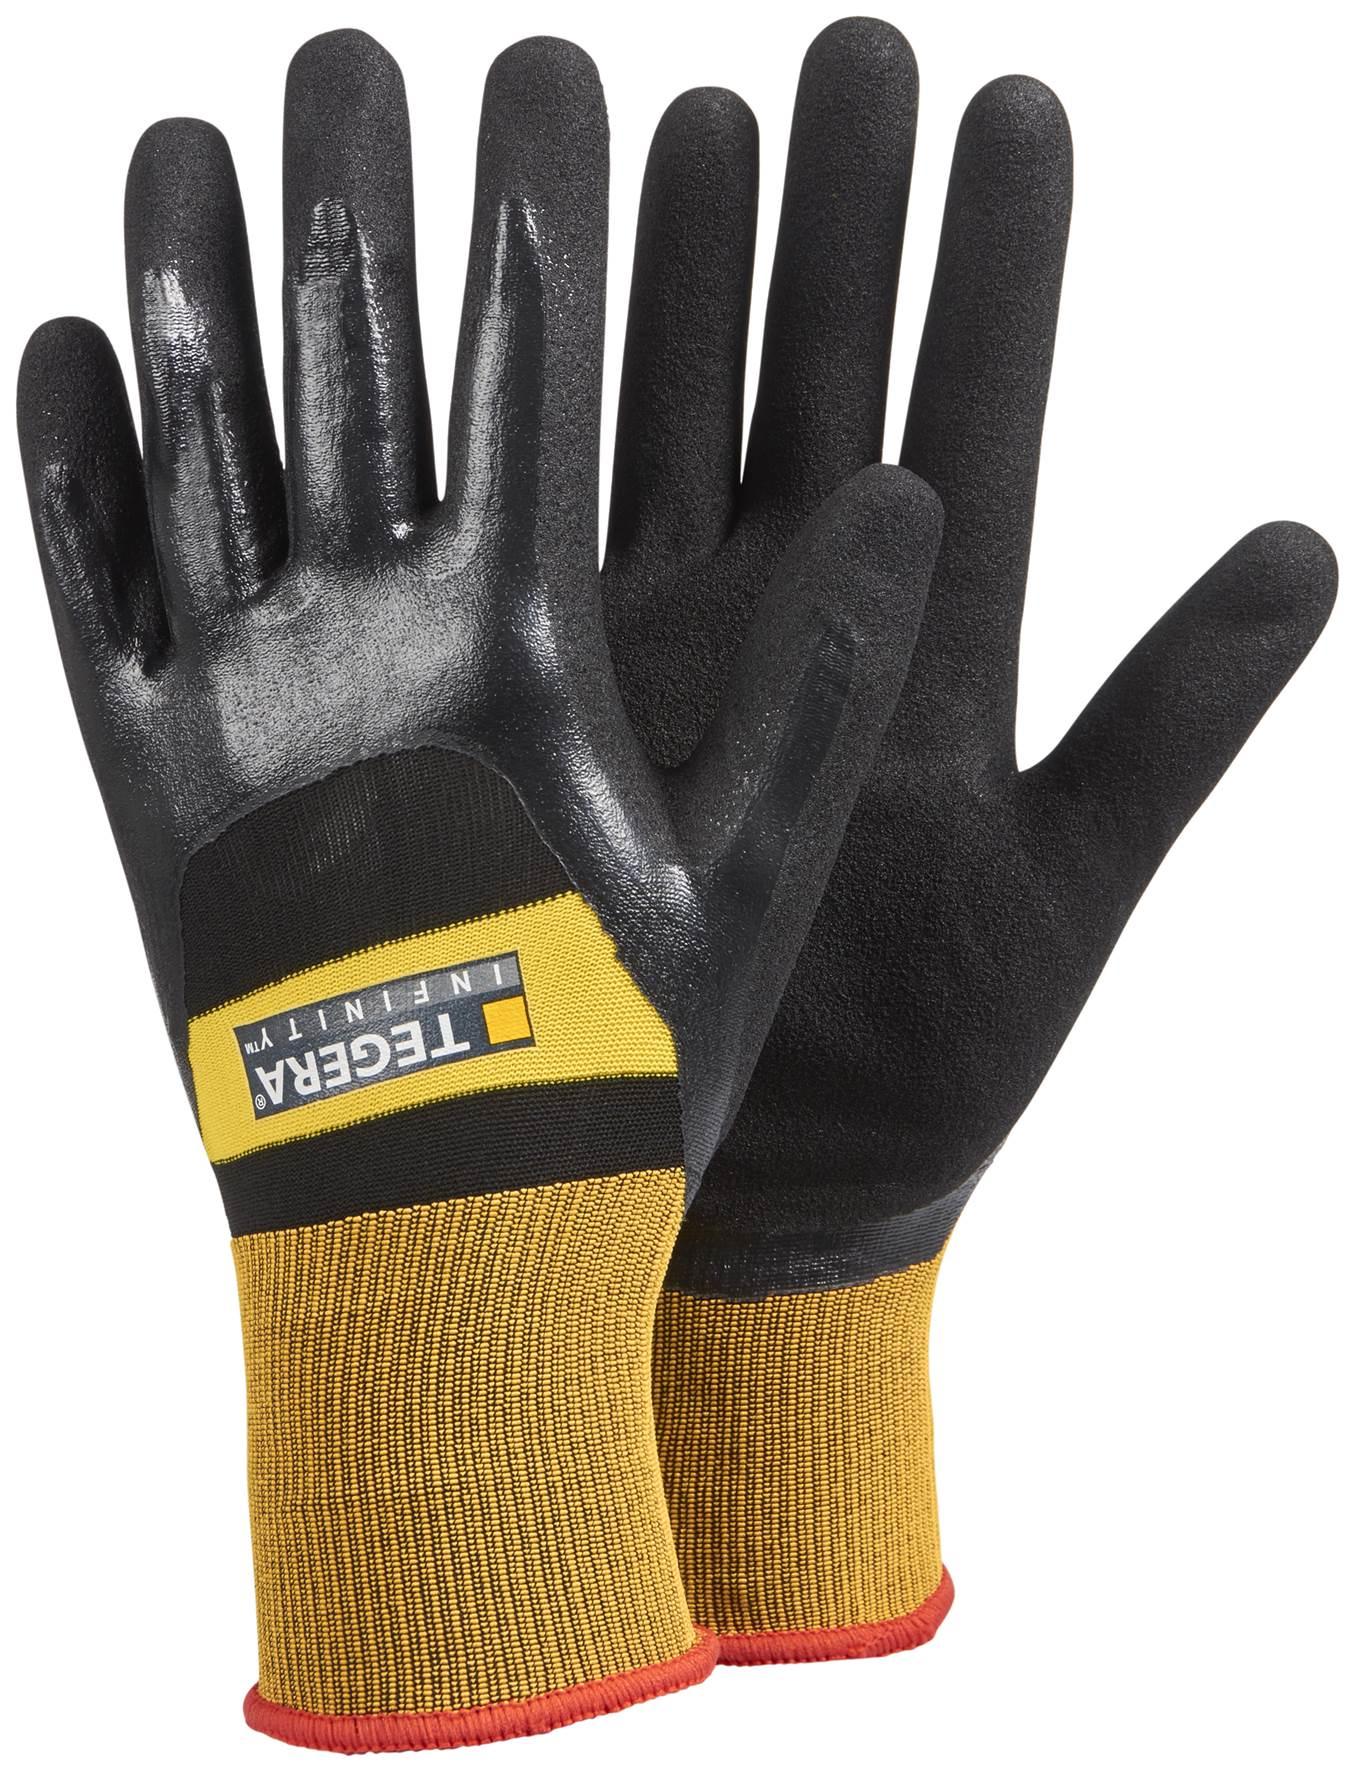 Перчатки защитные TEGERA 8803, черный перчатки рабочие кожа спандекс l